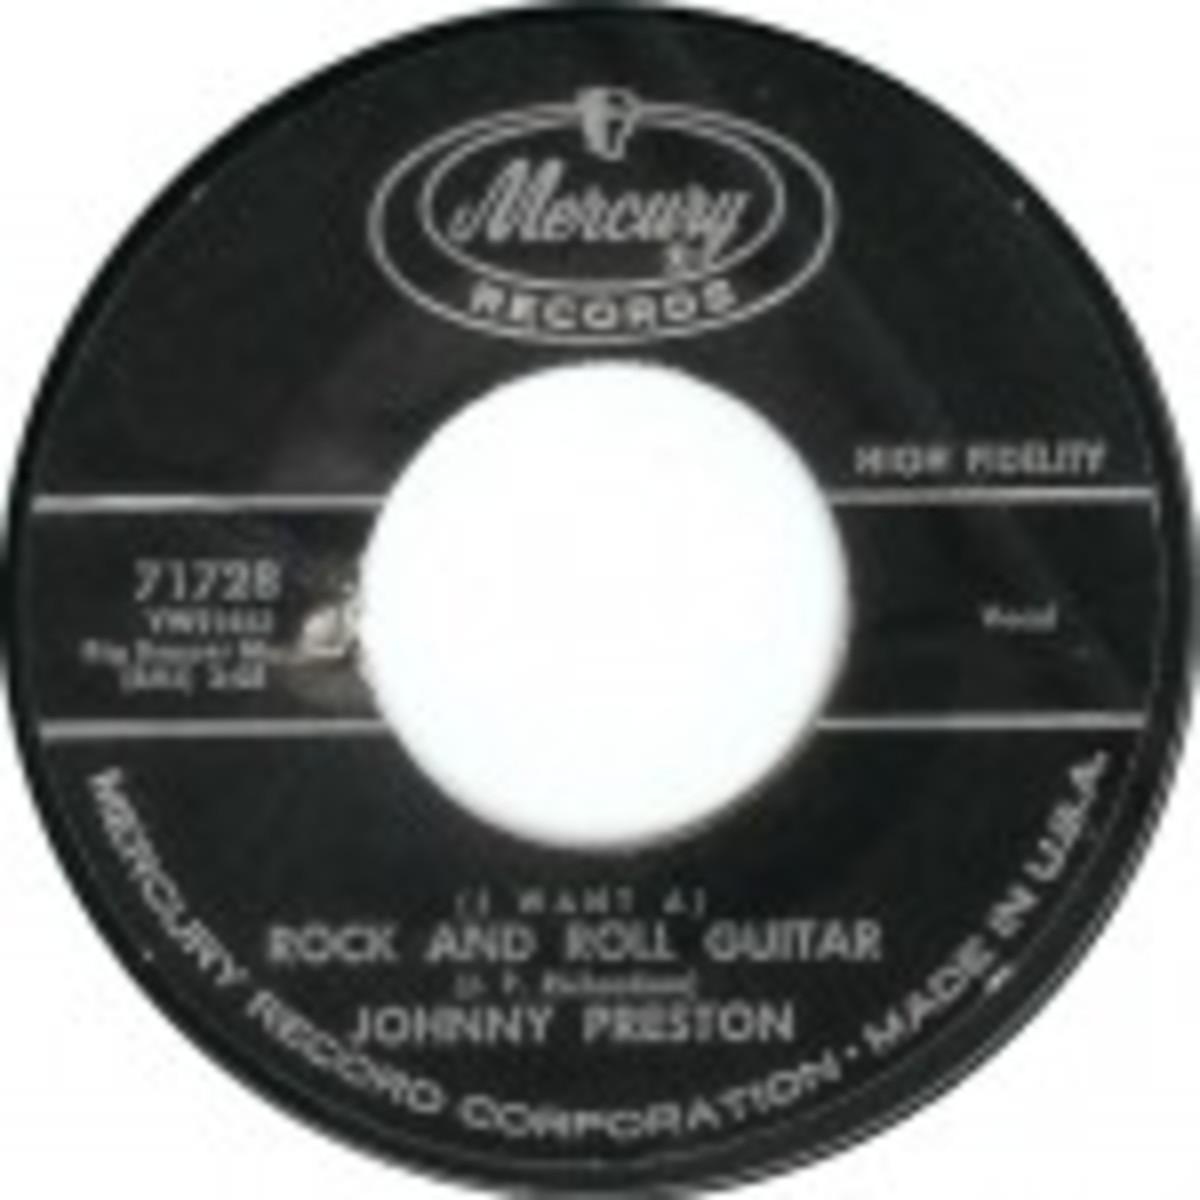 Johnny Preston I Want a Rock N Roll Guitar